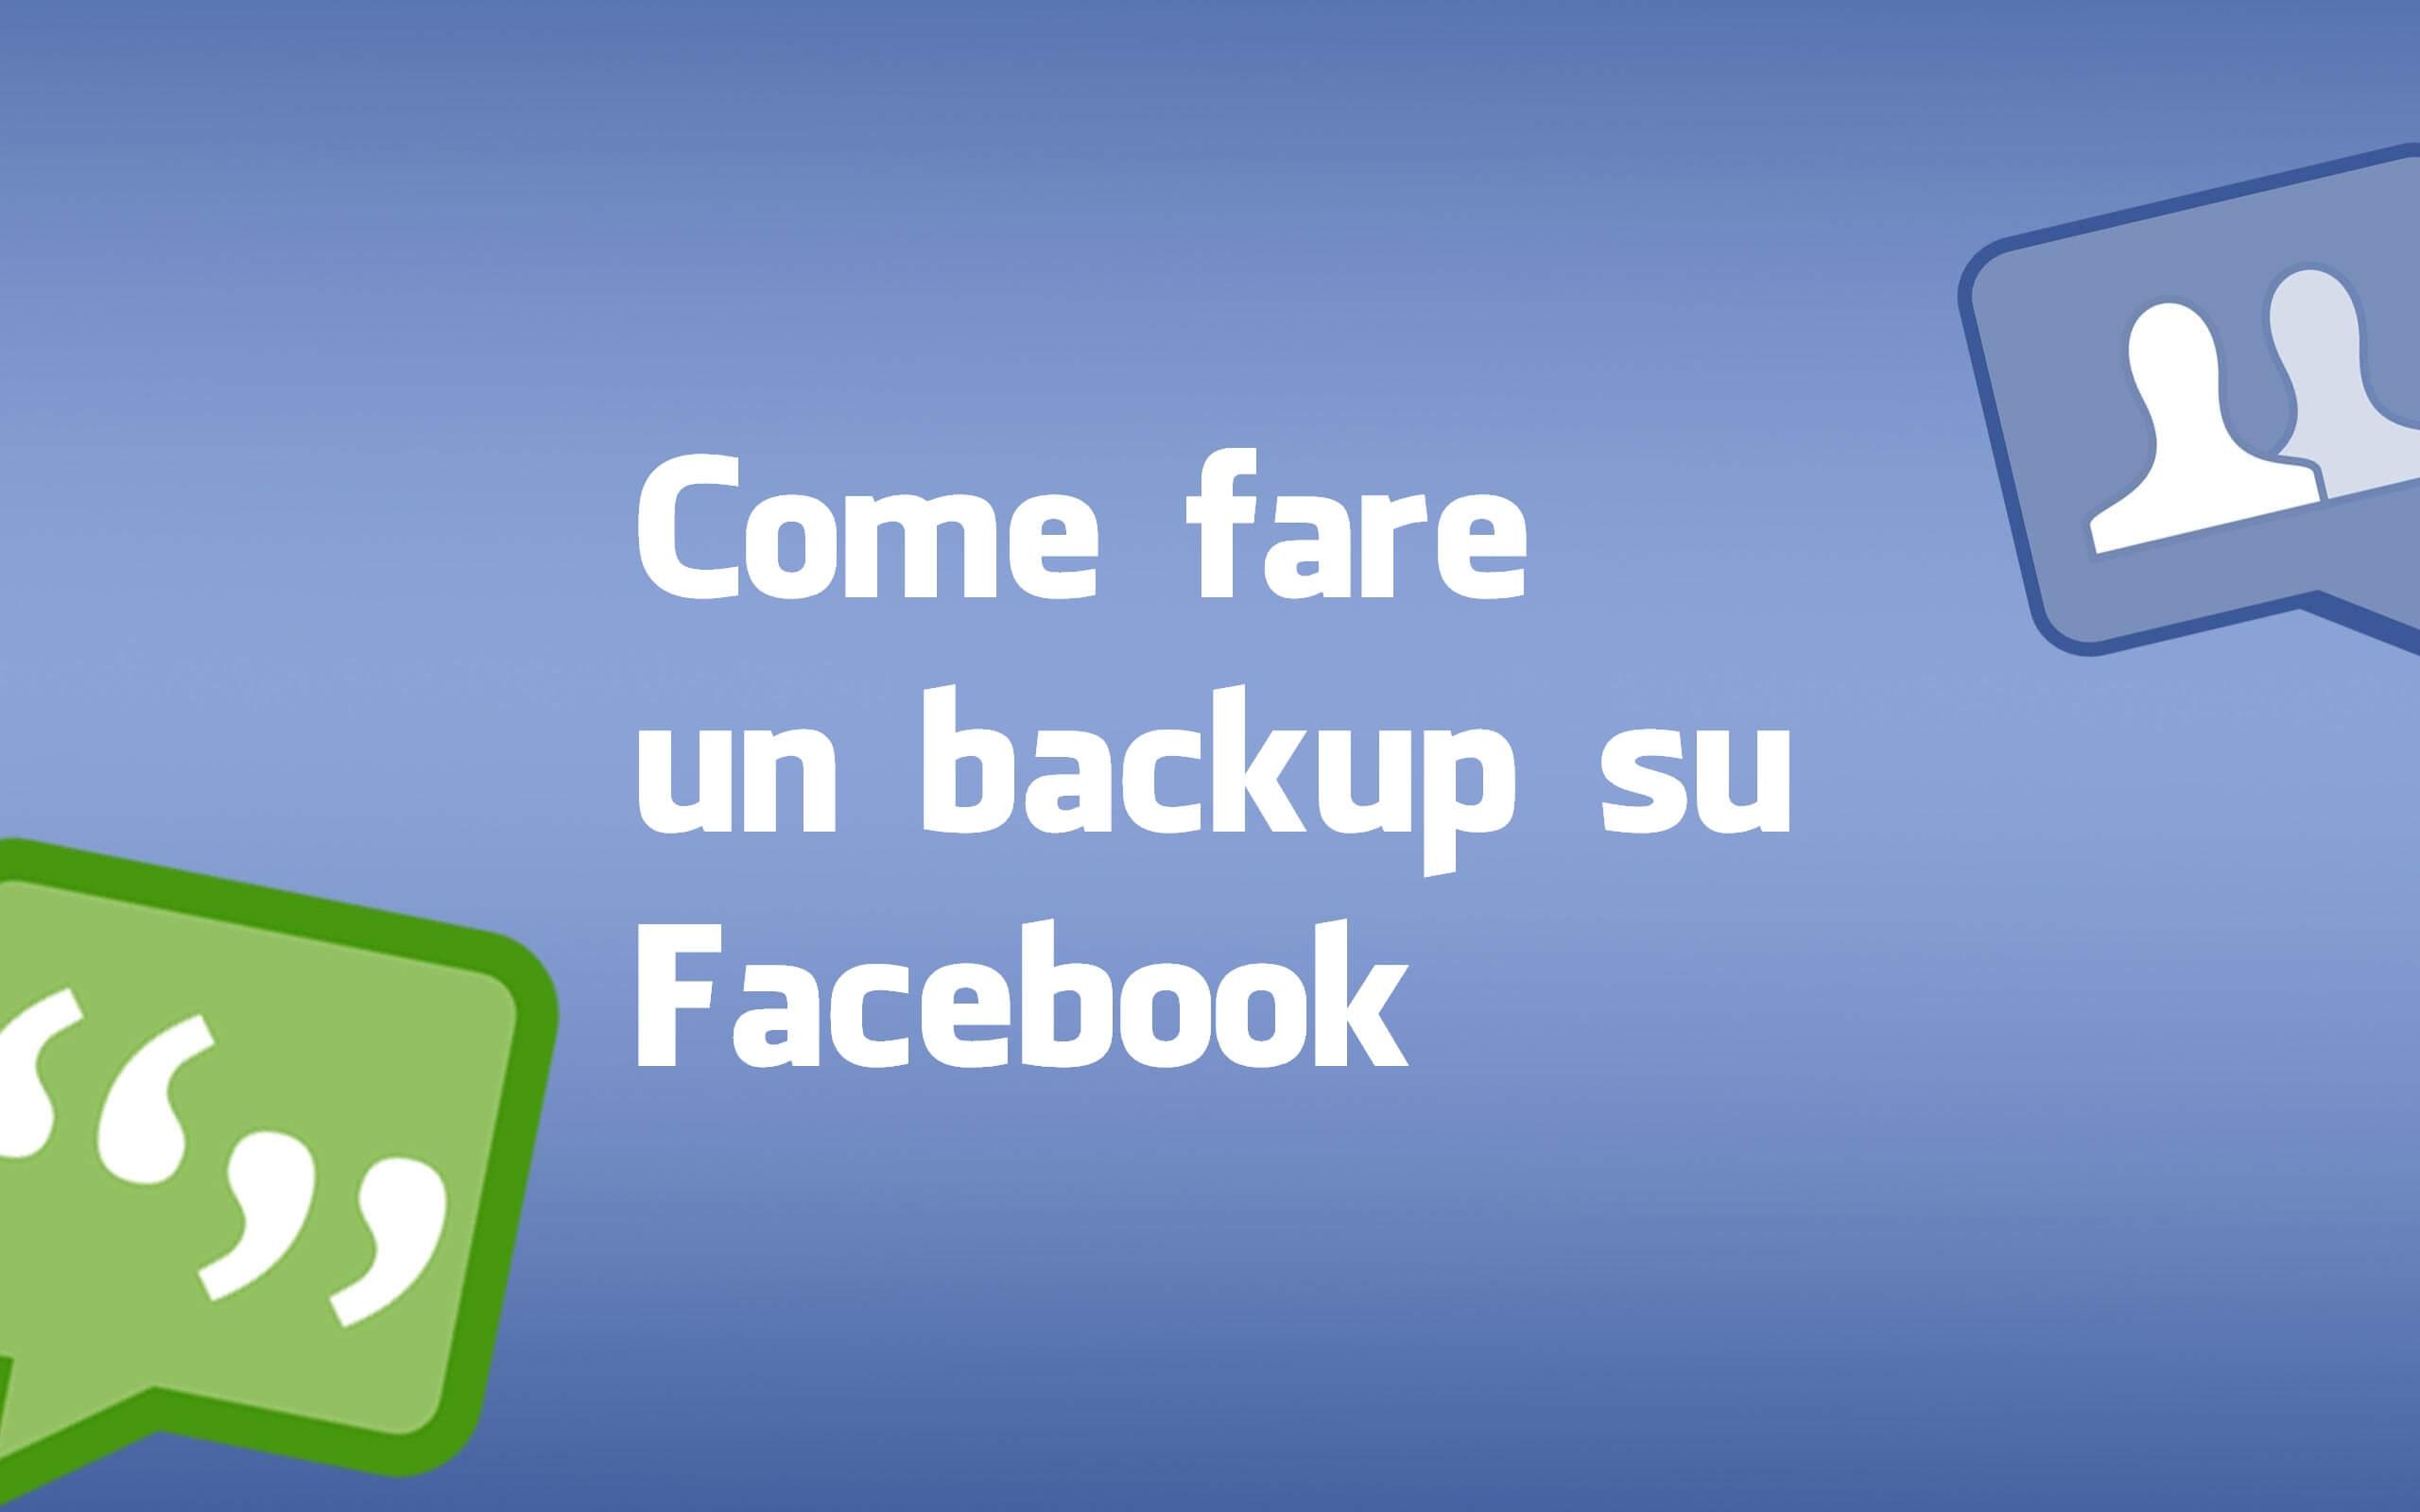 Come fare un backup del profilo su Facebook